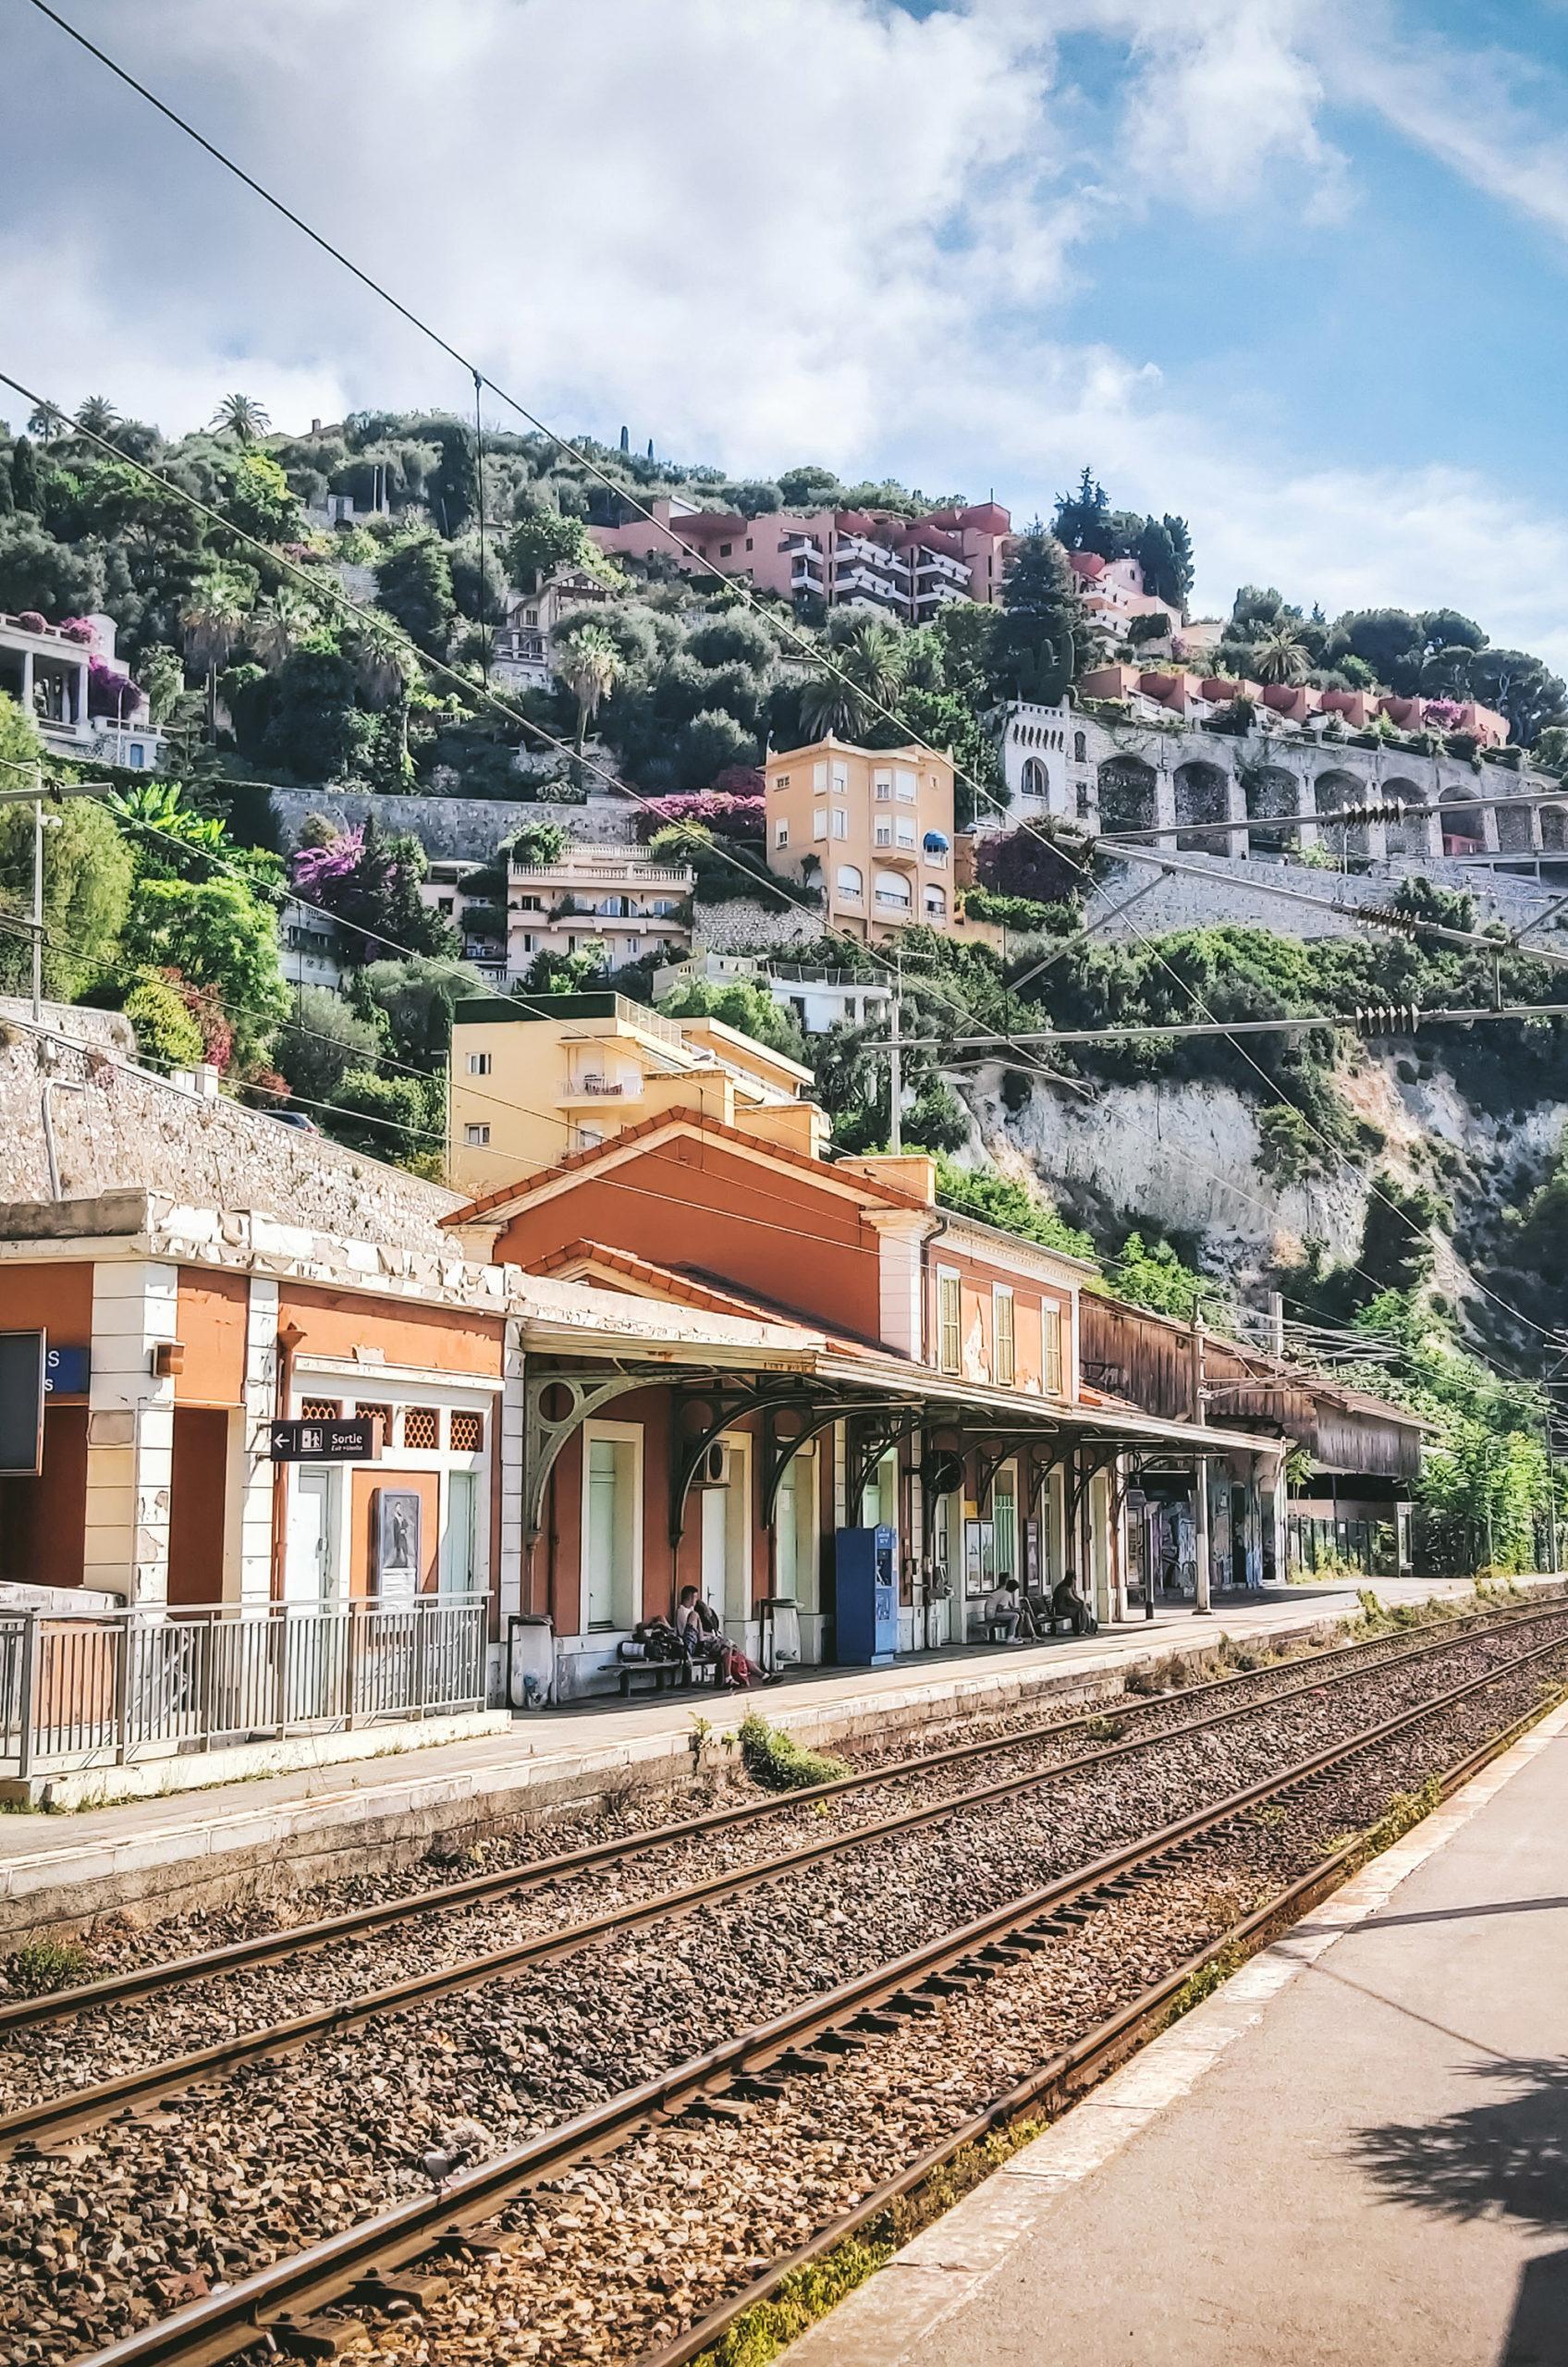 5 choses à faire sans voiture dans la Riviera autour de Nice - Villefranche sur mer